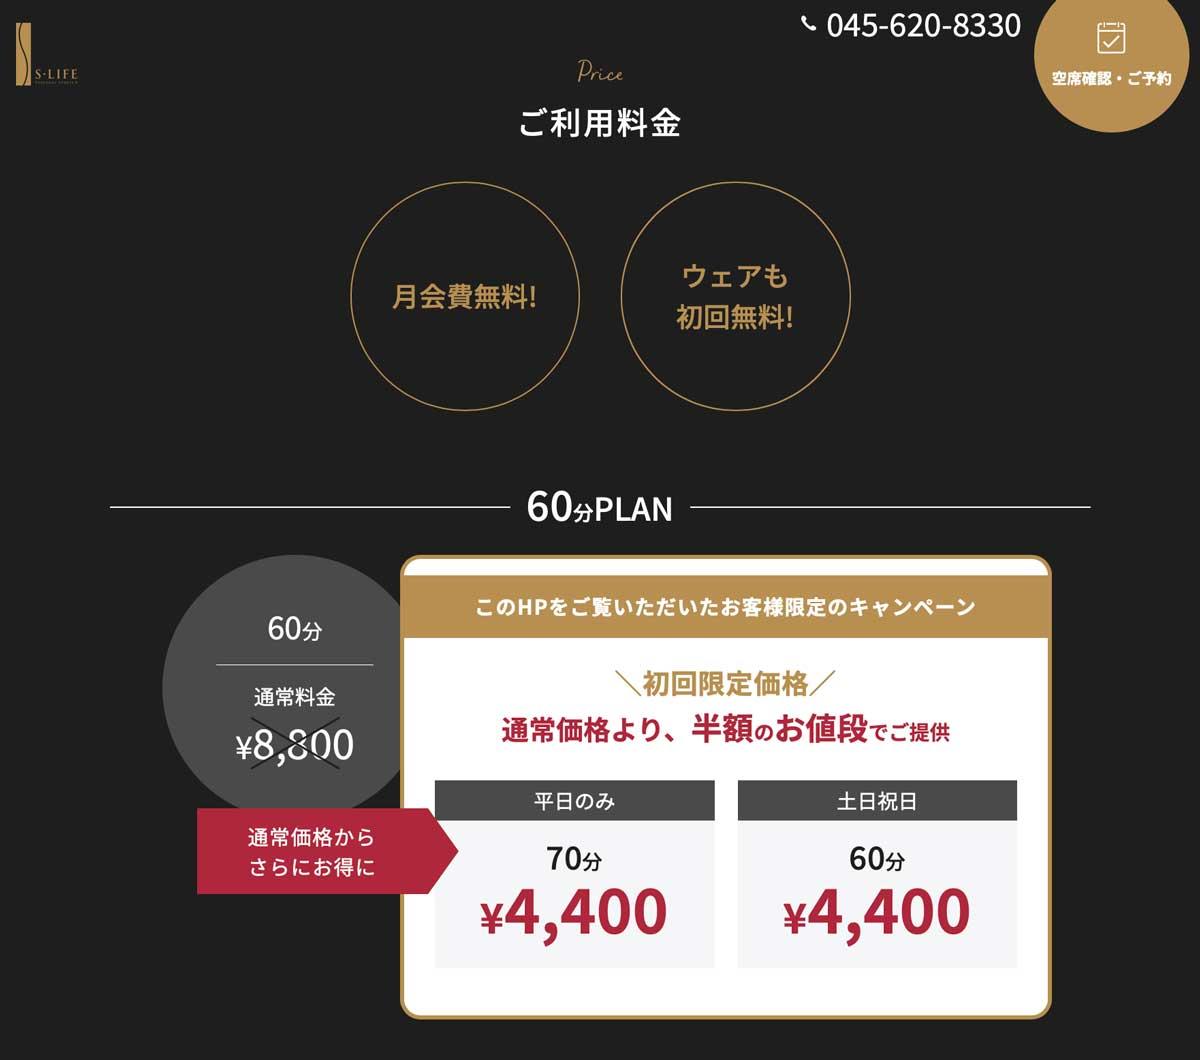 マッサージとは違う、横浜で人気のパーソナルストレッチ専門店S-LIFE公式サイト(公式ホームページ)が公開され話題!その特徴やサービス内容、評価や評判、レビュー、クチコミなどをまとめた! エスライフの料金プラン s-life_06